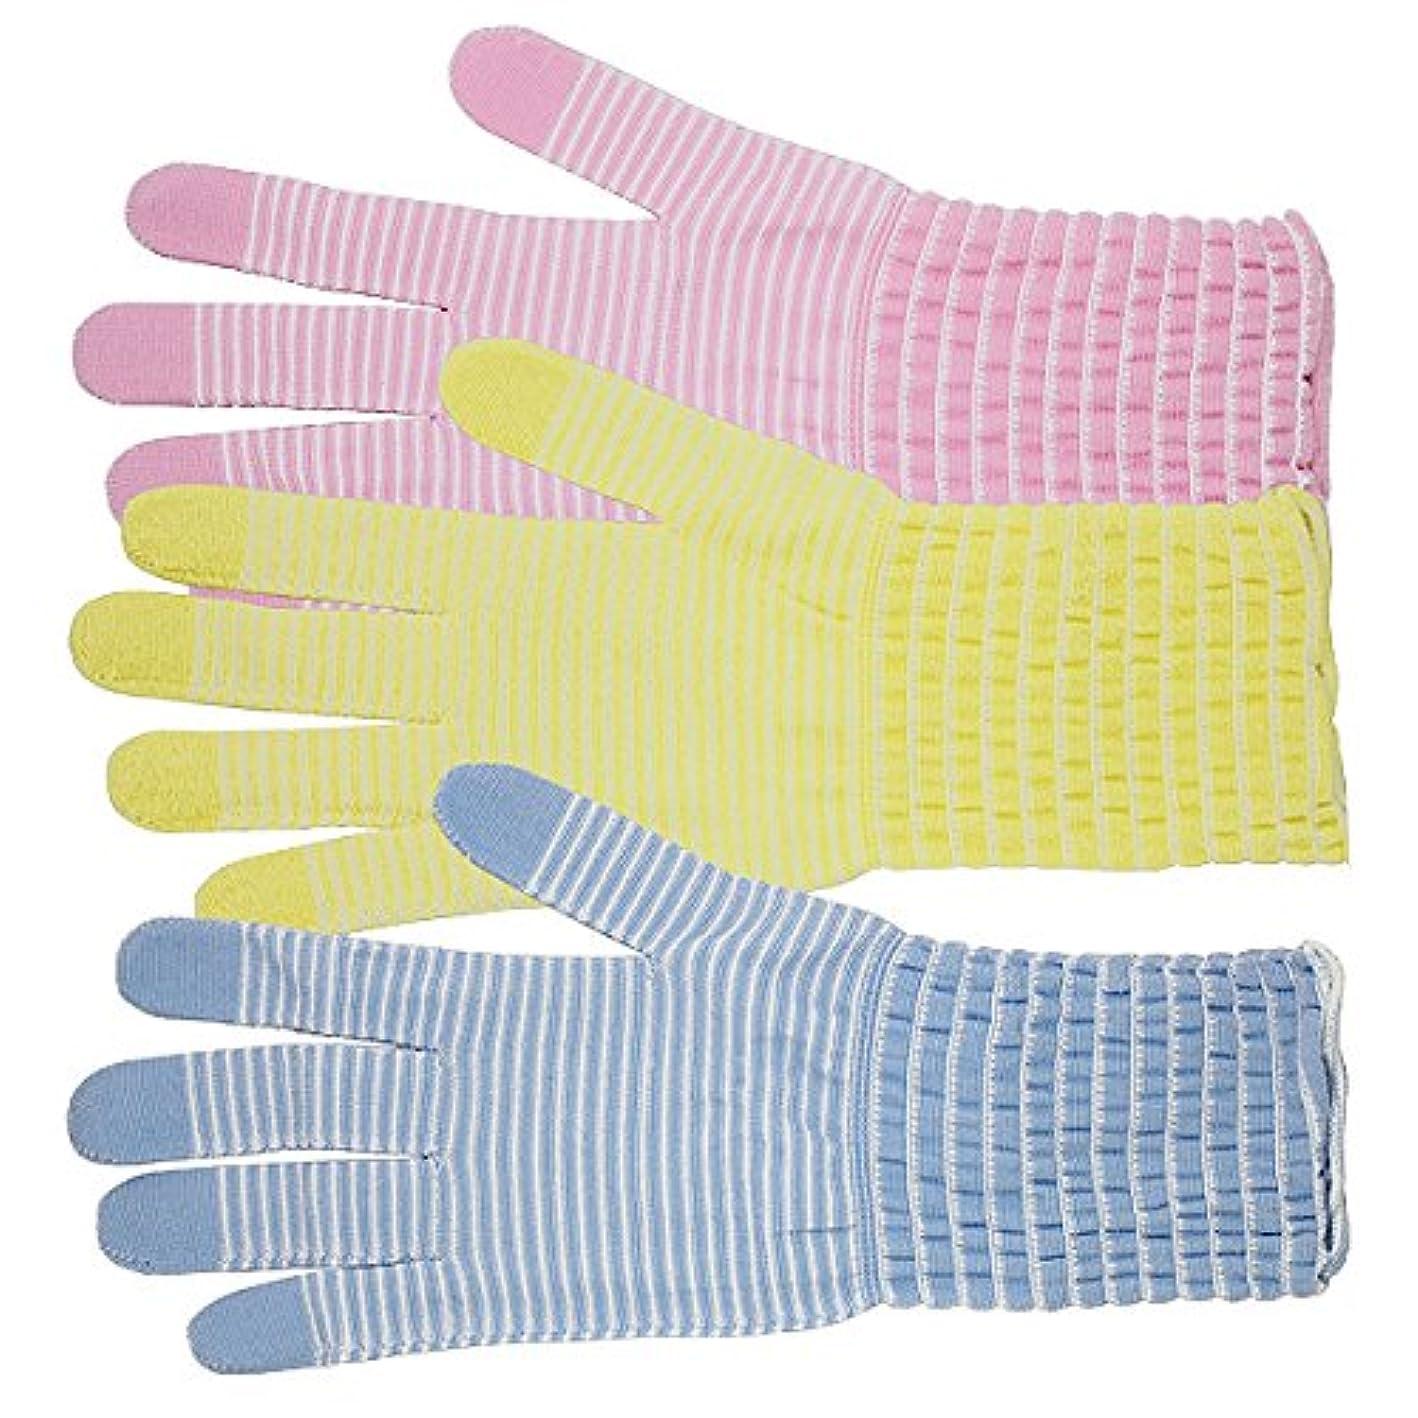 明らかにする貯水池窒素コラーゲン手袋 モイストコート003 ソーダ